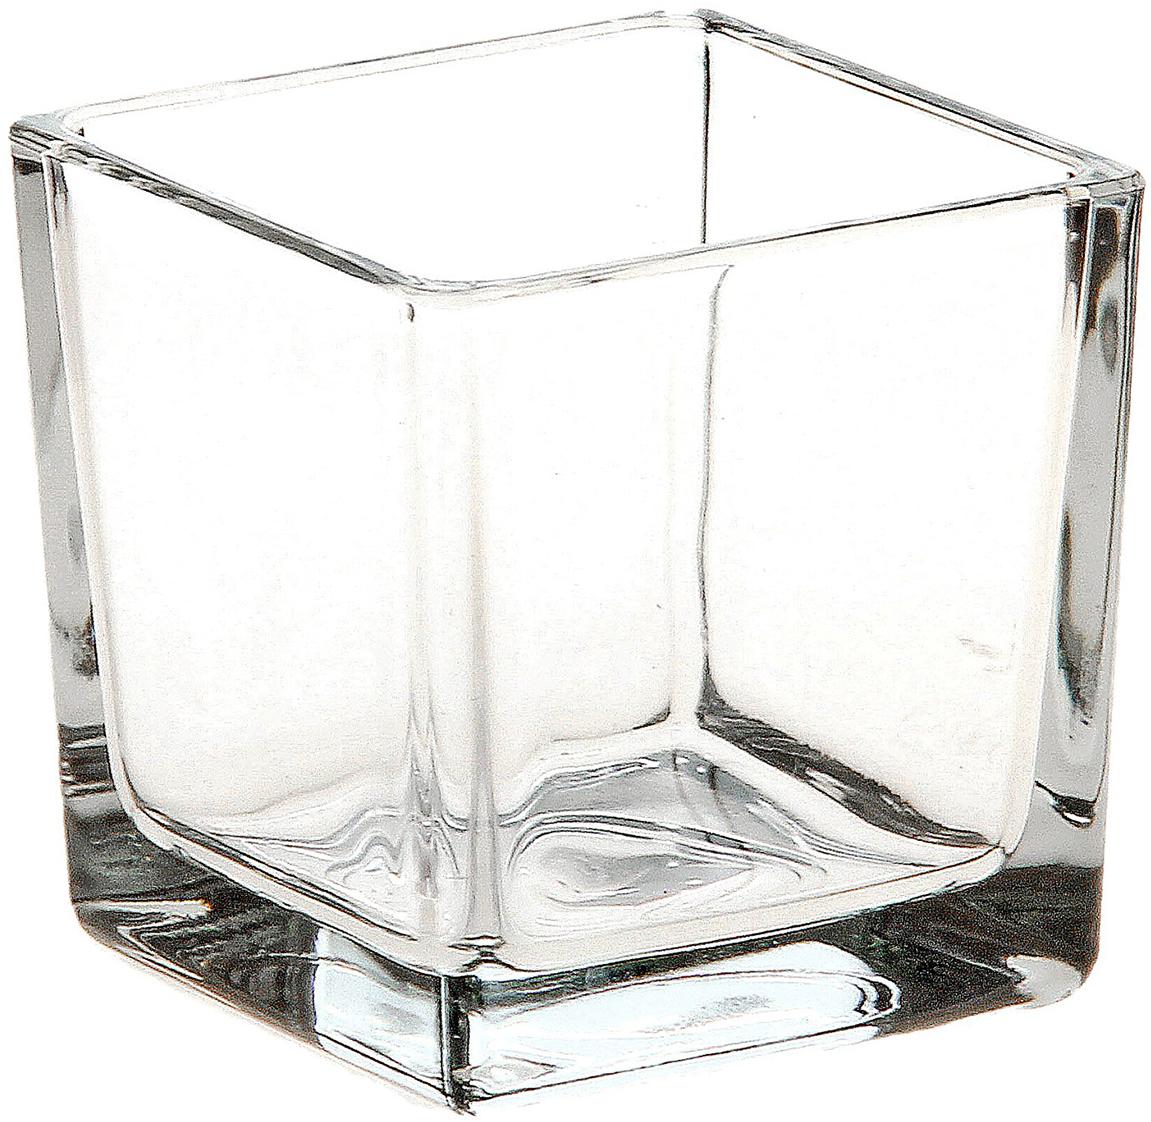 Ваза Evis Кубик, 0,25 л758620Воплотите в жизнь самые смелые дизайнерские идеи по украшению дома! Ваза из прозрачного стекла - основа для вашего творчества. Насыпьте в неё цветной песок, камушки, ракушки или другой декор. Создавайте восхитительные интерьерные композиции из цветов и зелени. Ваза Кубик 0,25 л станет незабываемым подарком, если поместить в неё конфеты или другие сладости. Дайте волю фантазии! Каждая ваза выдувается мастером - вы не найдёте двух совершенно одинаковых. А случайный пузырёк воздуха или застывшая стеклянная капелька на горлышке лишь подчёркивают её уникальность.